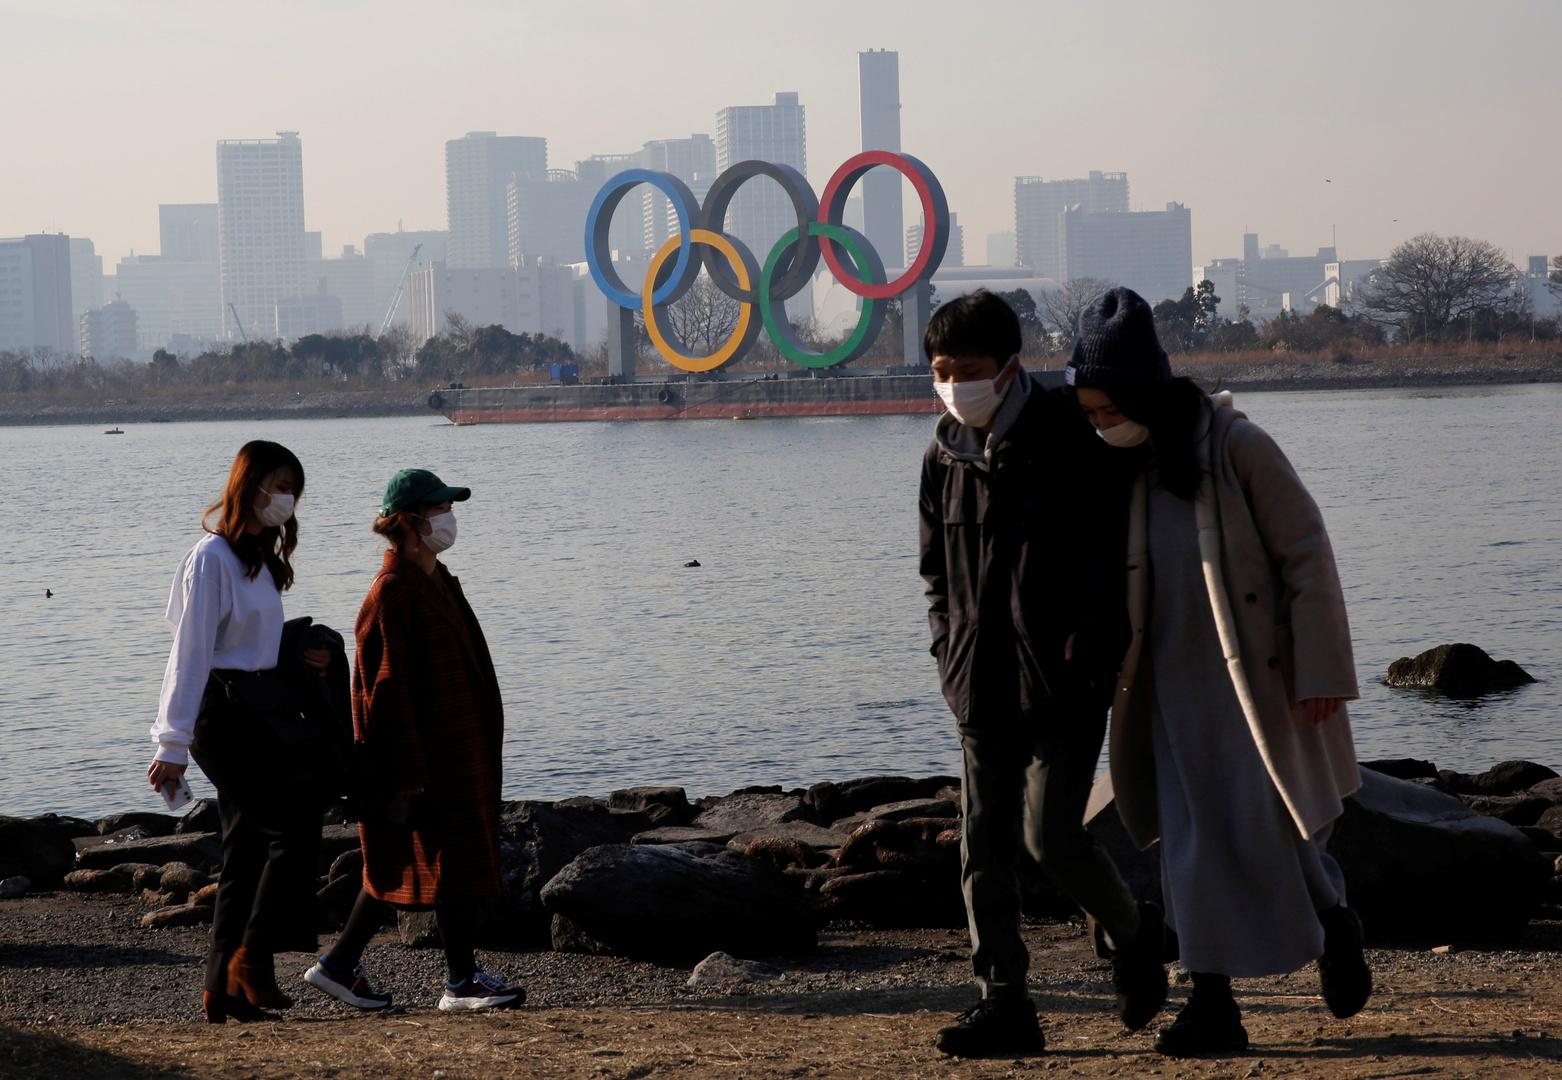 زيادة صادمة لمعدل الانتحار في اليابان